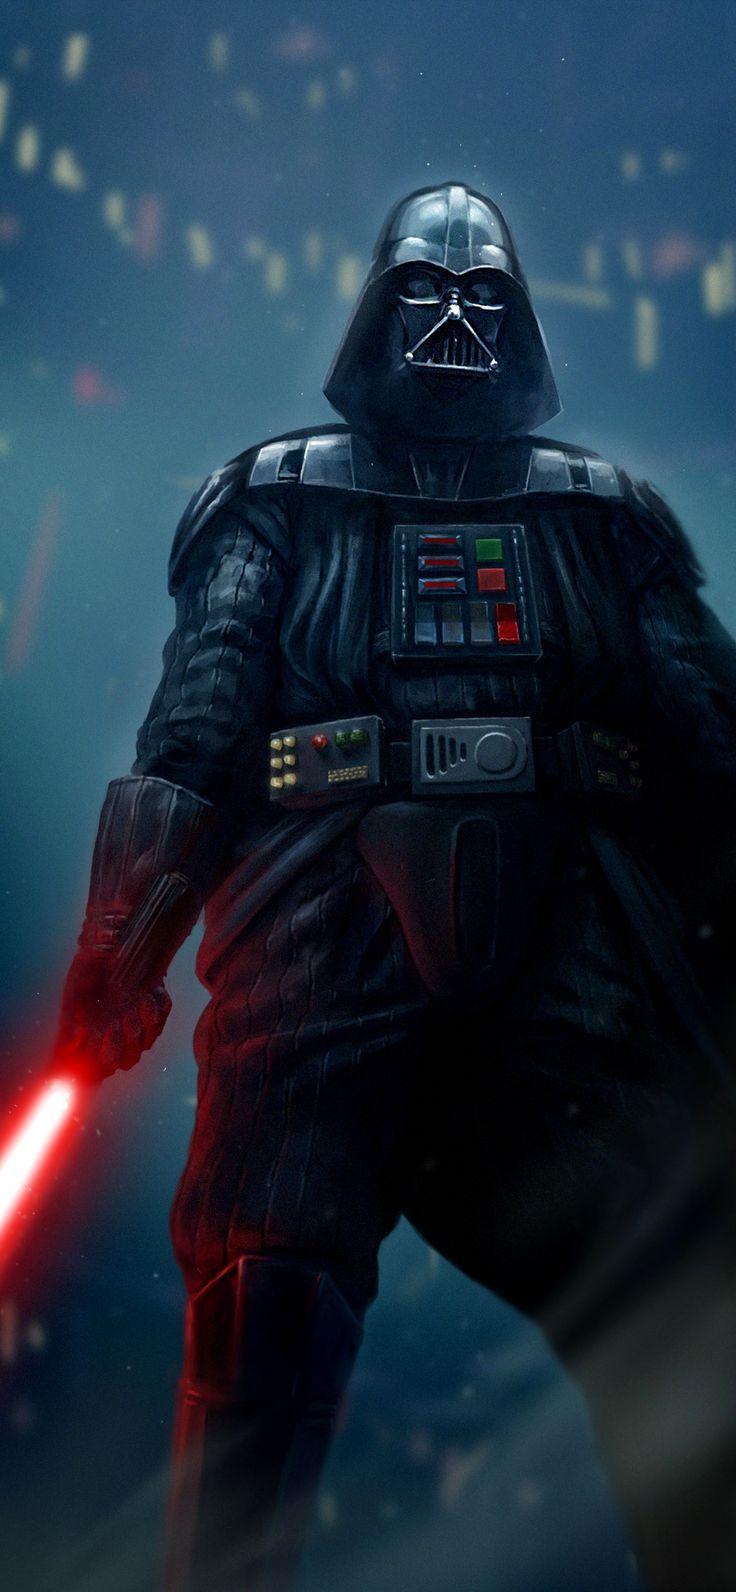 Darth Vader Wallpaper Star Wars In 2020 Darth Vader Wallpaper Darth Vader Wallpaper Iphone Darth Vader